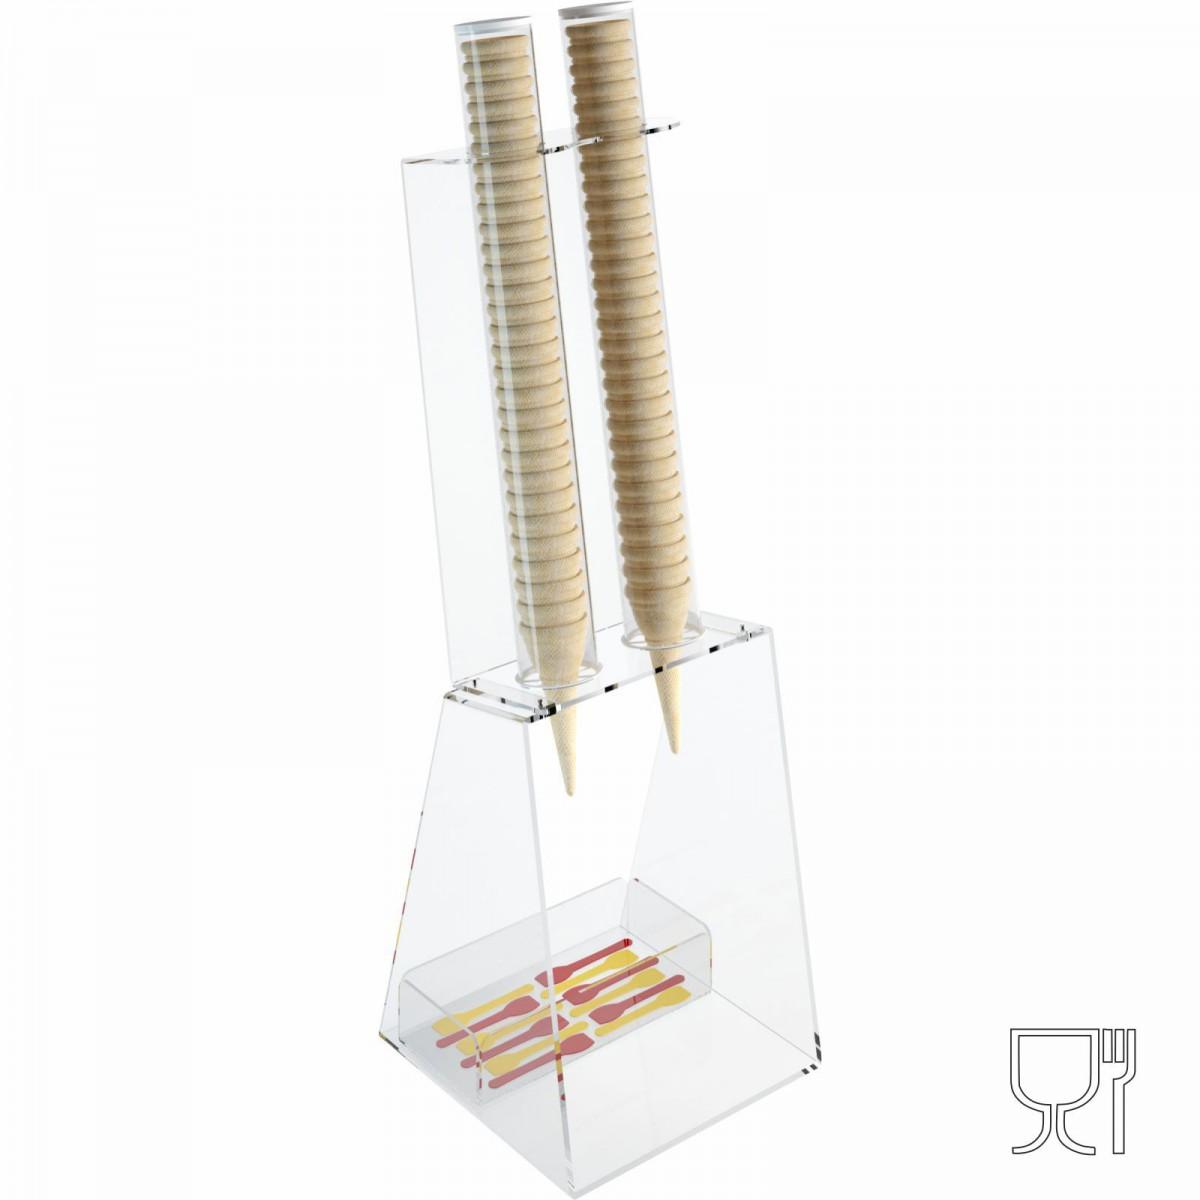 Porta coni gelato da banco in plexiglass trasparente con porta cucchiaini - CM(LxPxH): 25x26x81